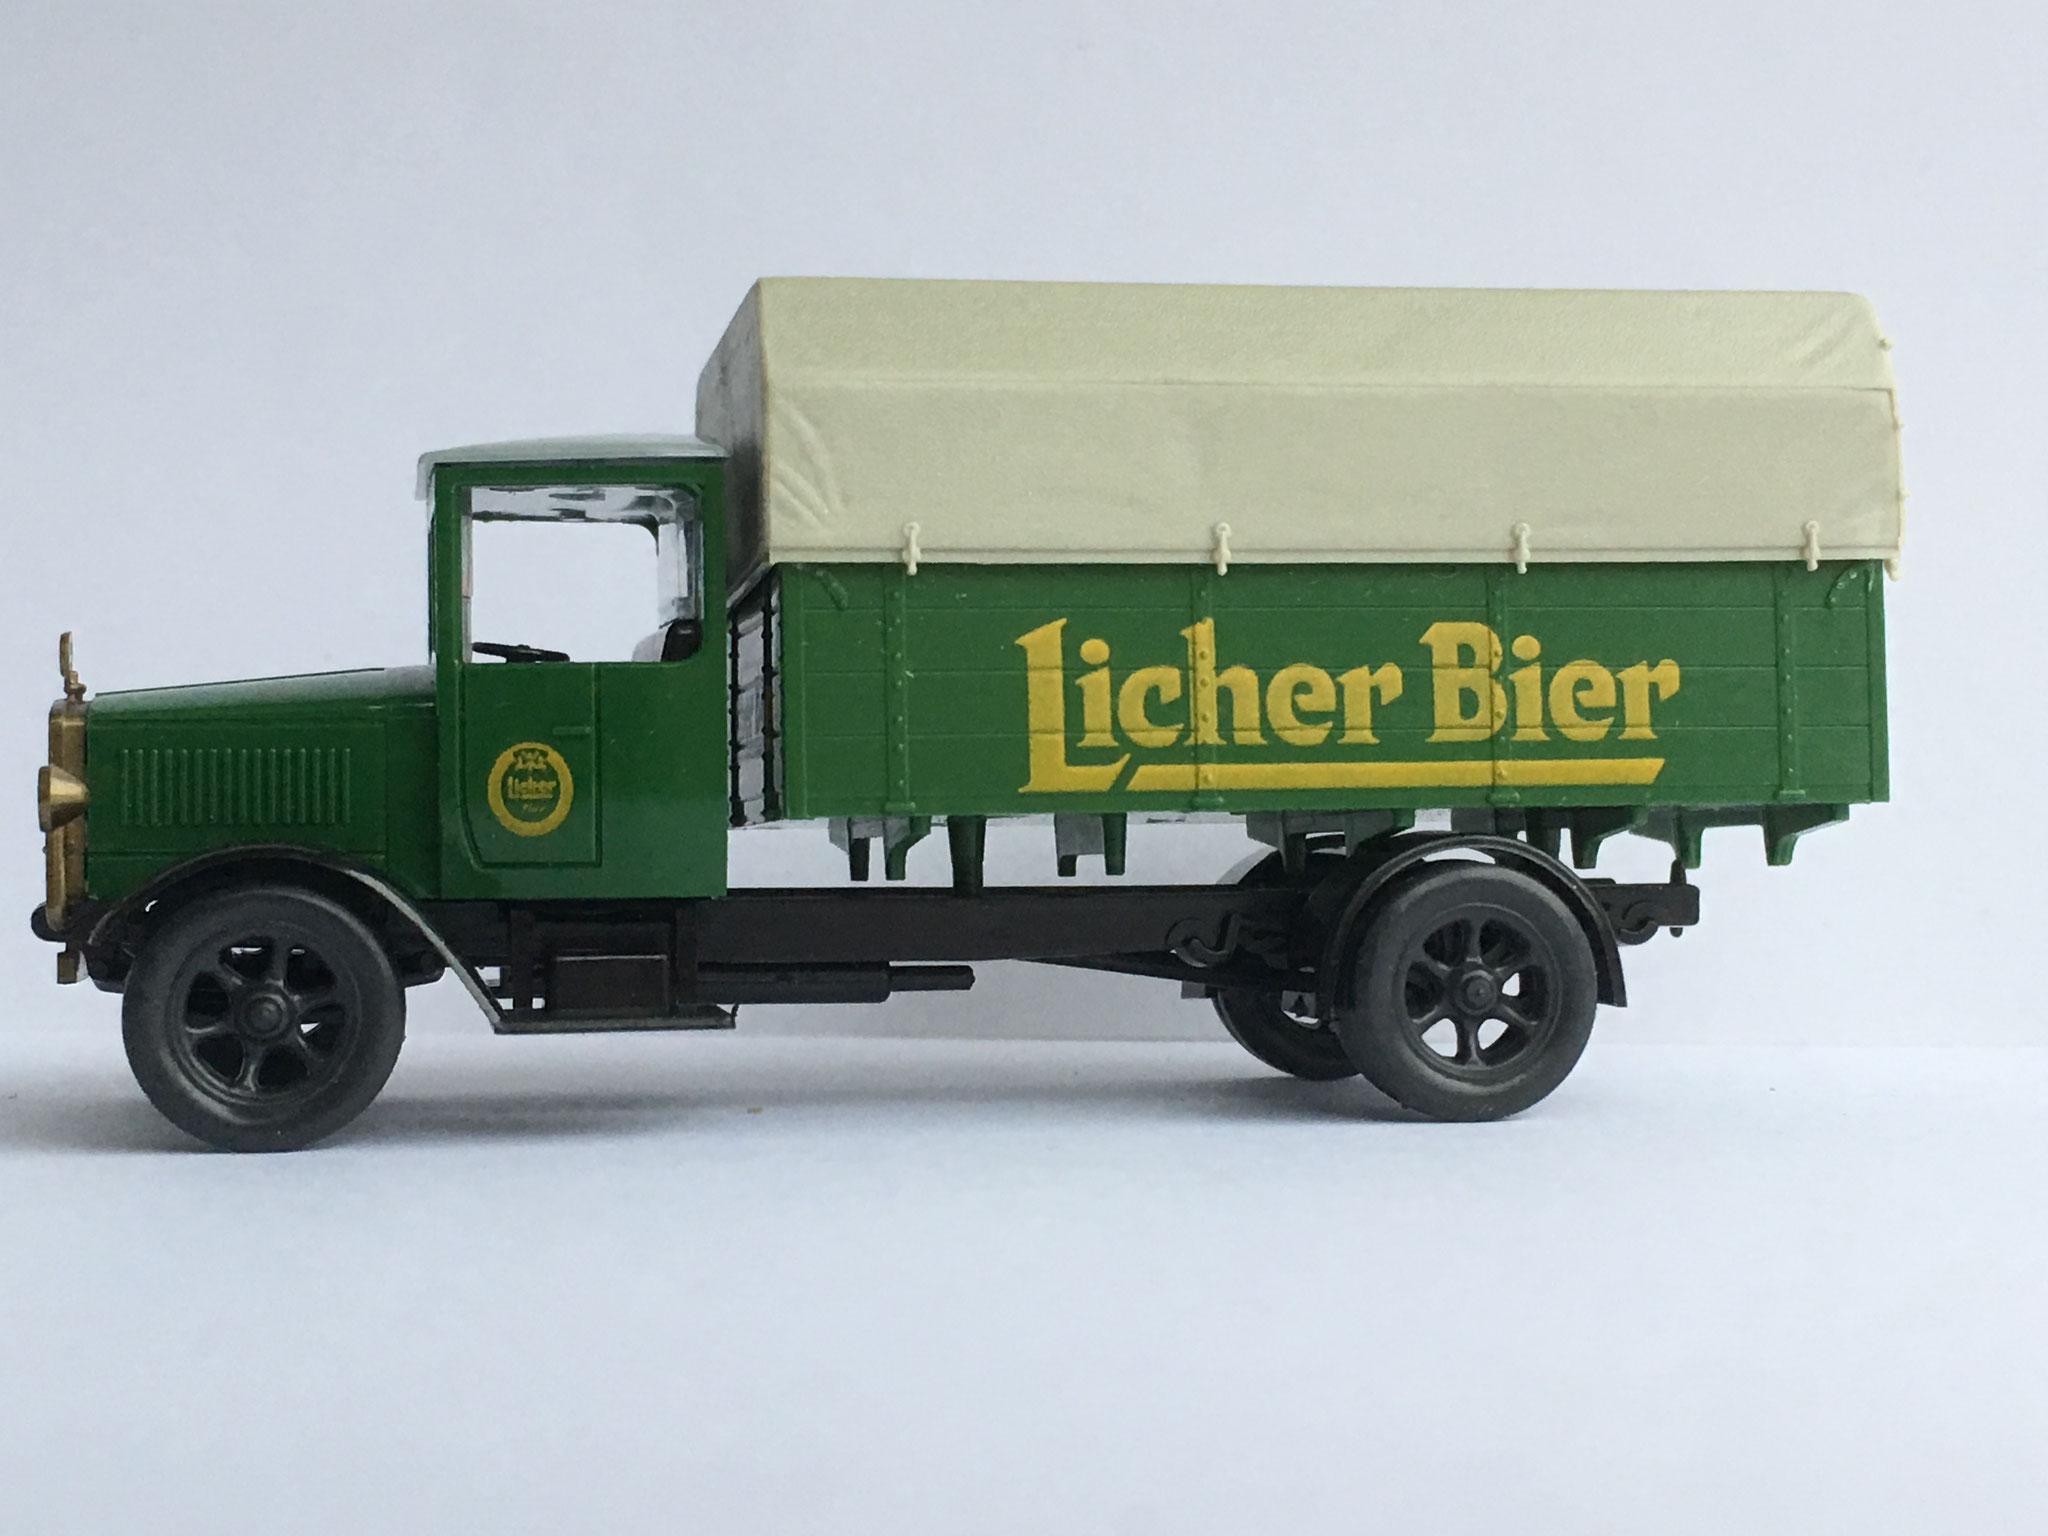 Mercedes L5 Bierwagen Licher Bier, Variante 2, 1989